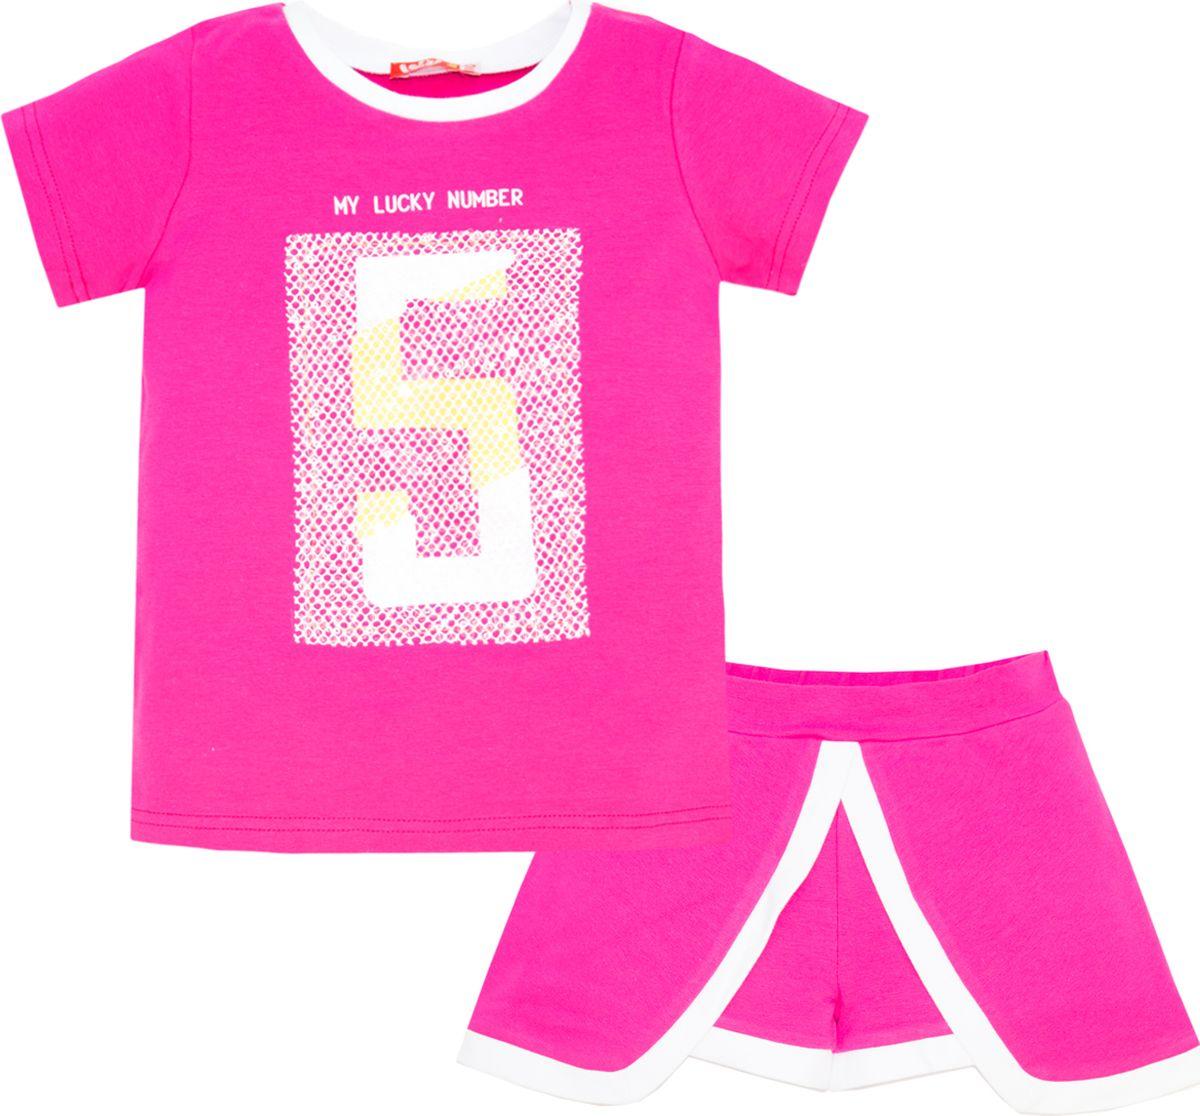 Комплект одежды для девочки Let's Go: футболка, шорты, цвет: малиновый. 4121. Размер 164 комплект одежды для девочки let s go футболка бриджи цвет лиловый фиолетовый 4132 размер 74